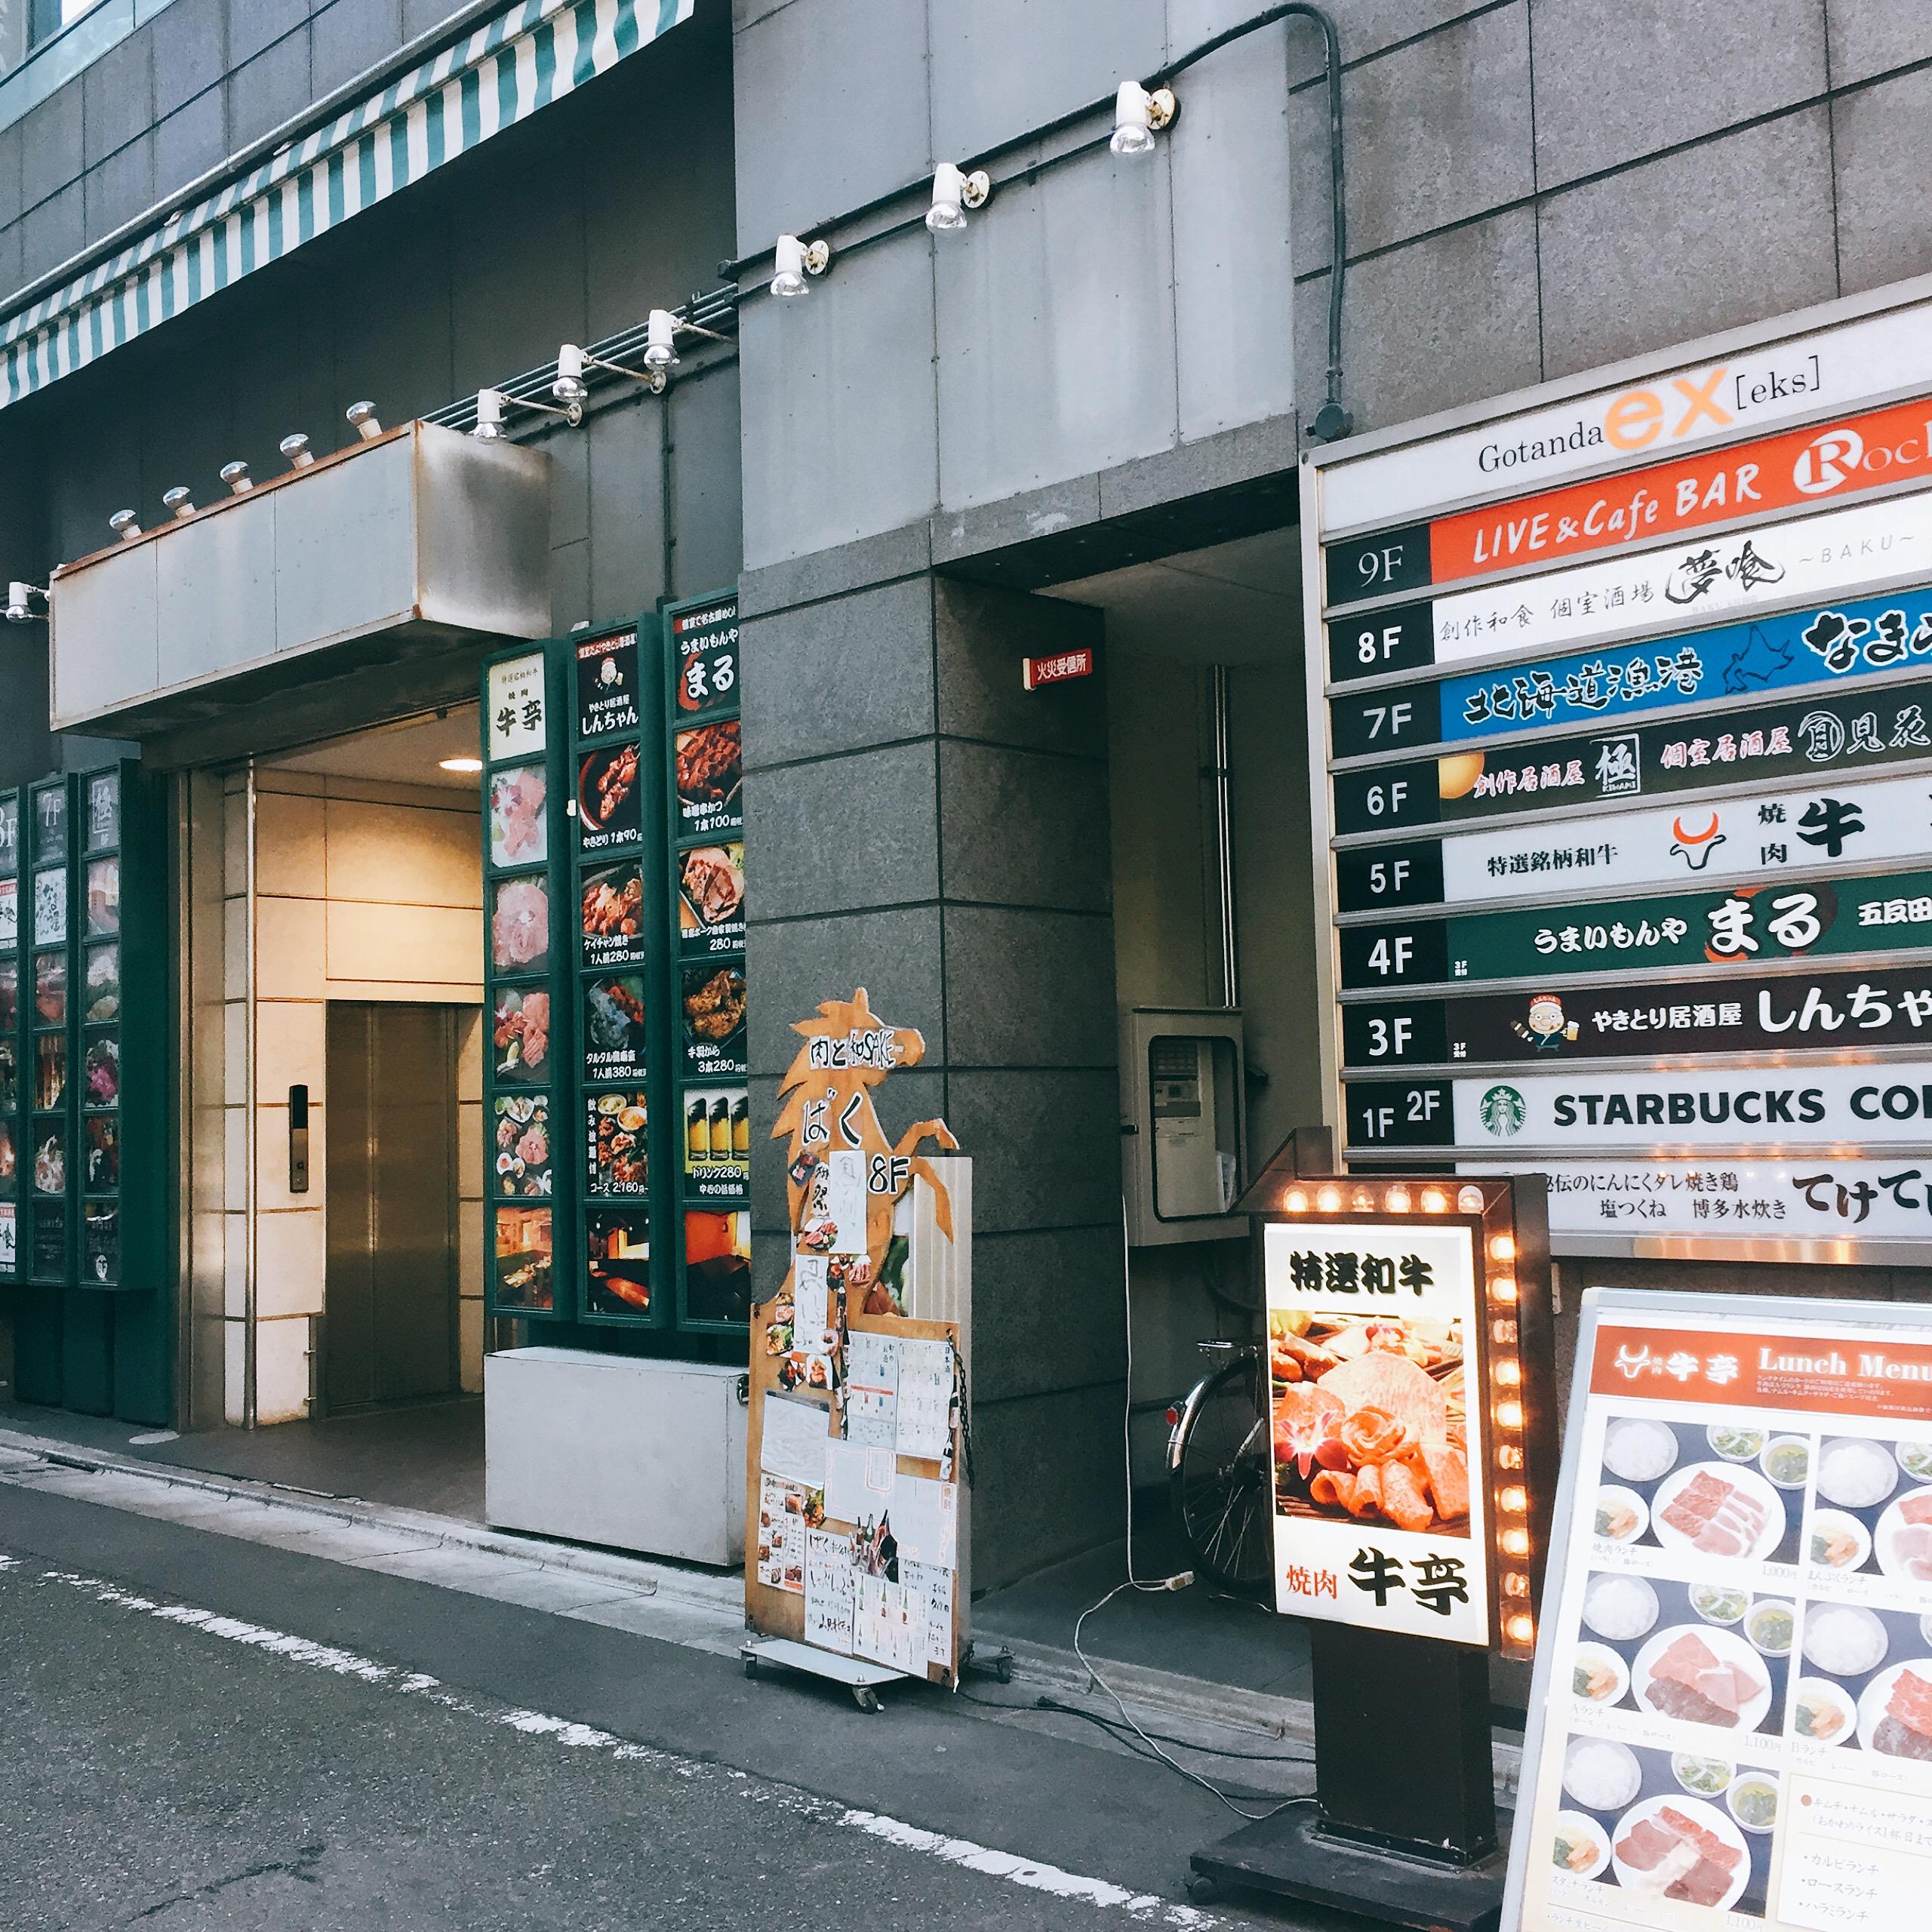 【五反田】牛亭/ソニー通り沿いの路地ビル5F。美味しいお肉の激戦区で15年以上続く安定の高級焼肉店。